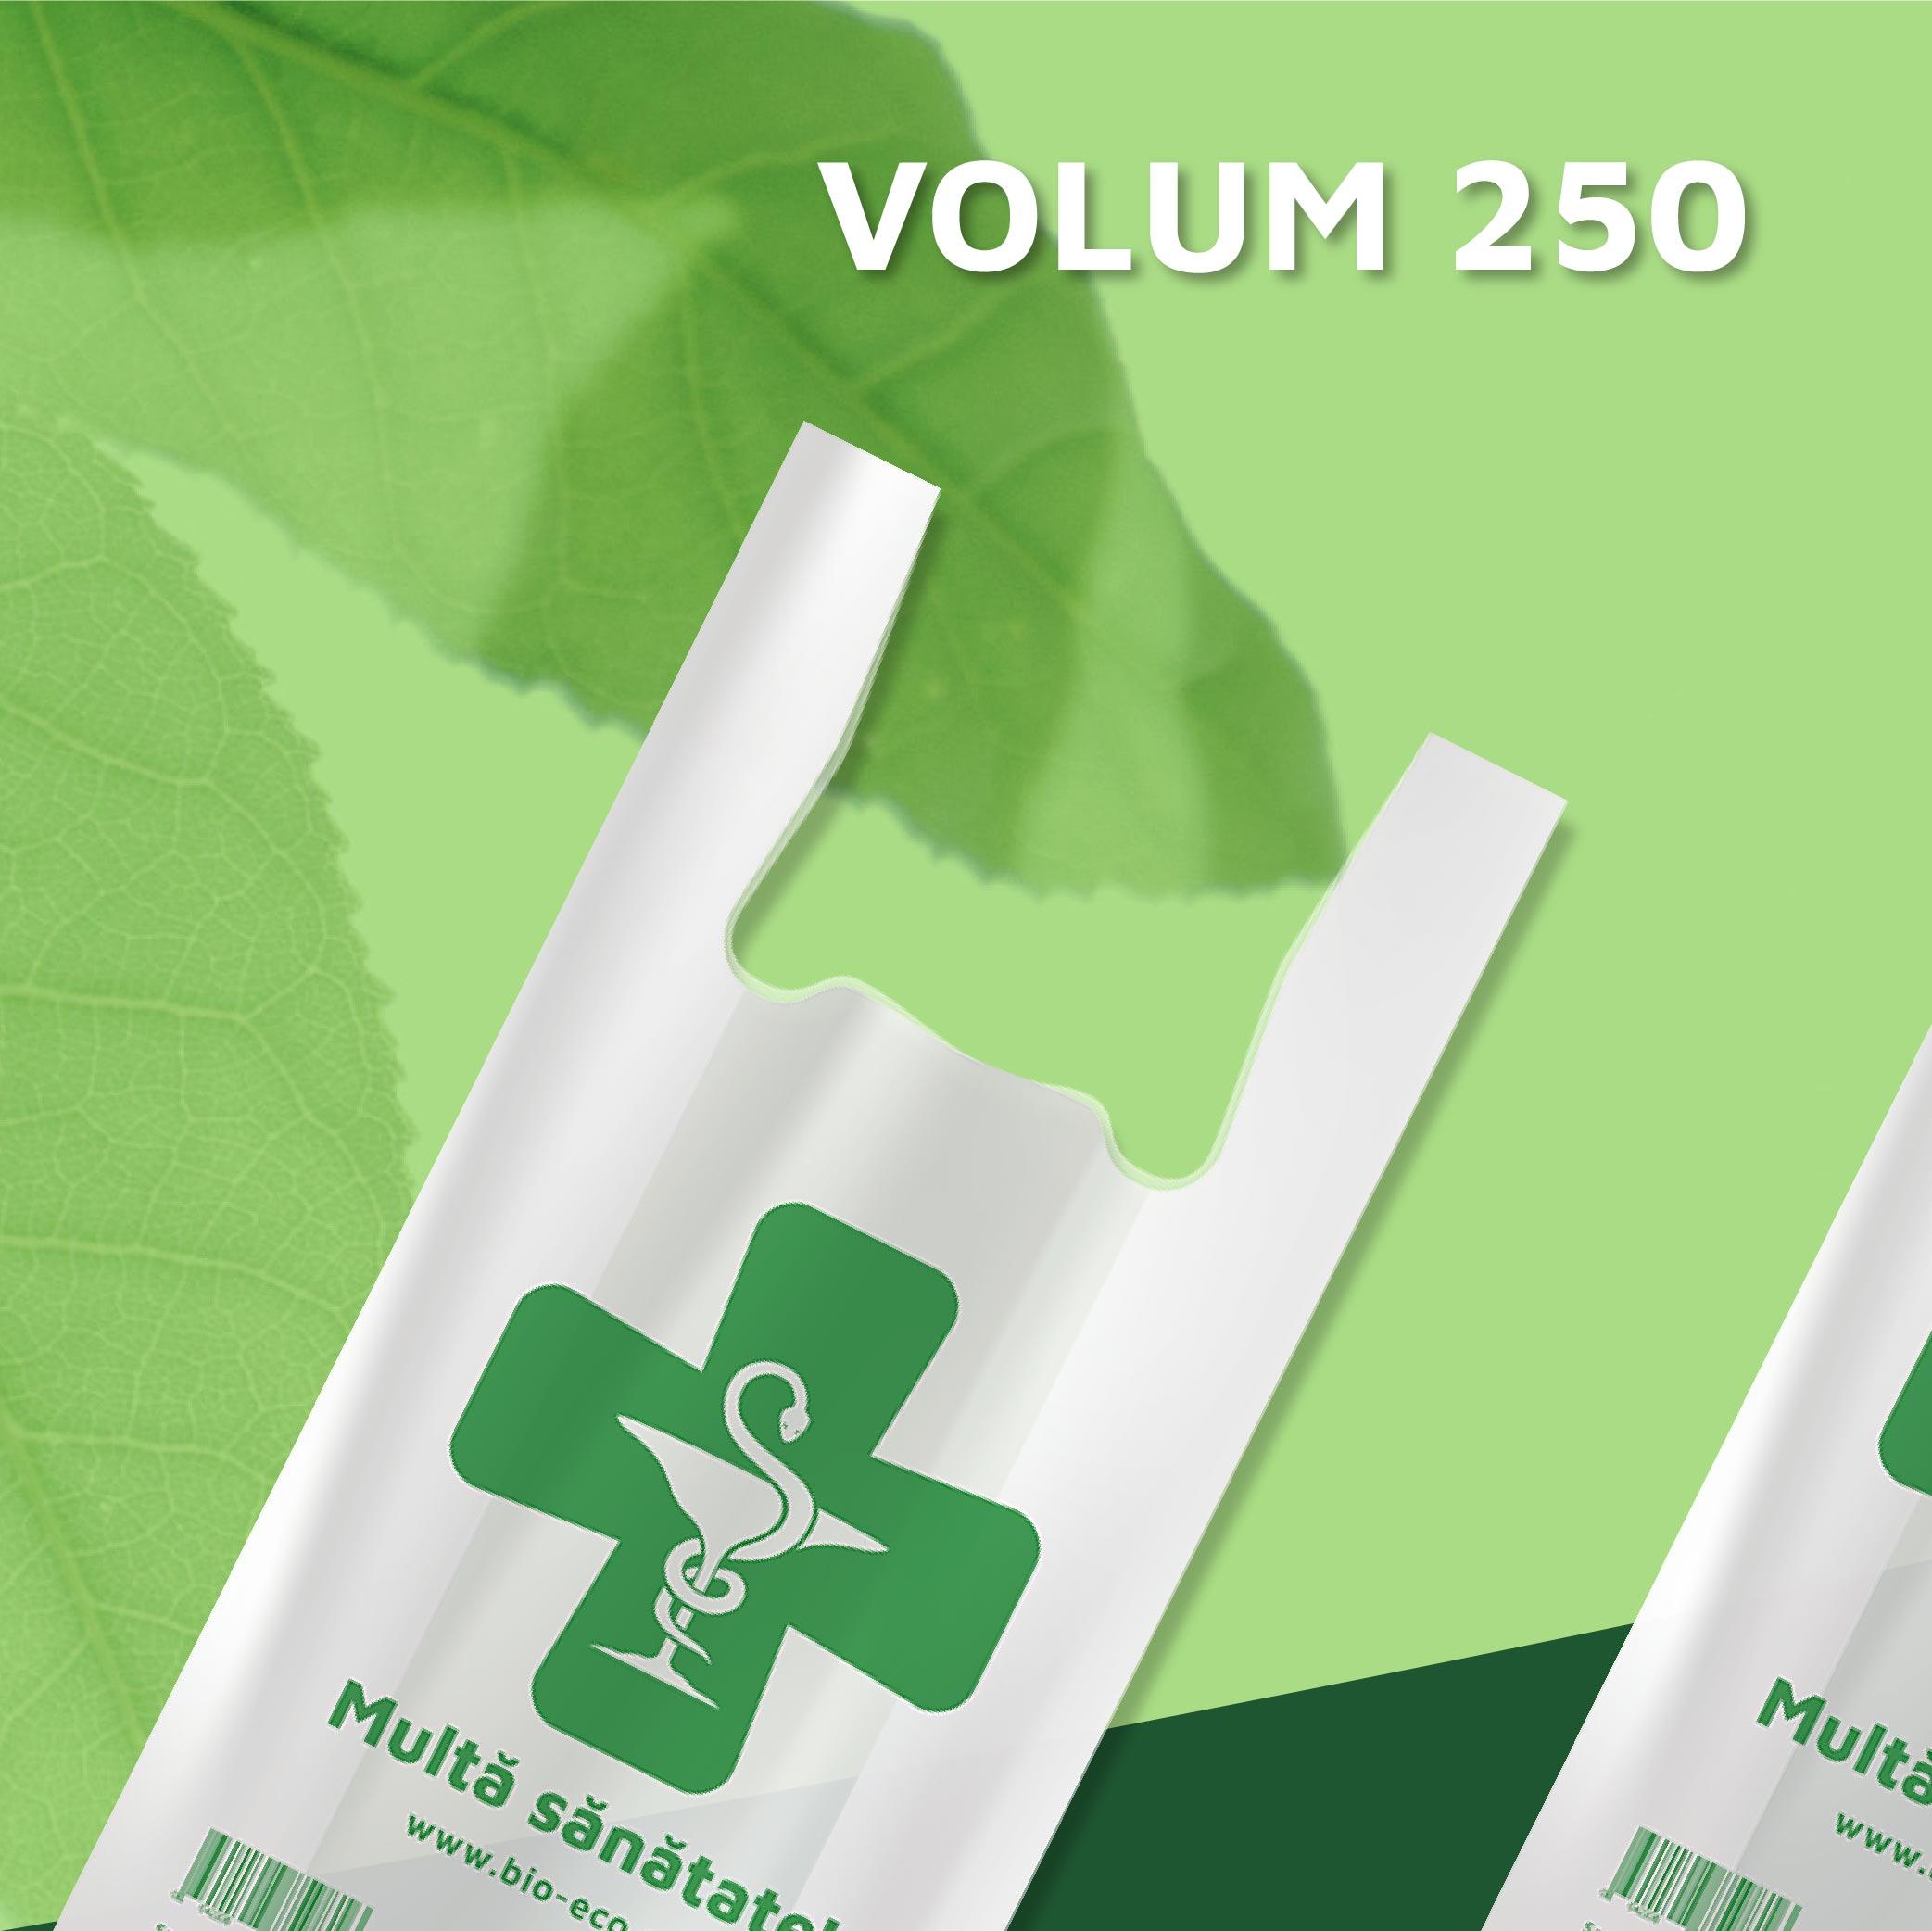 VOLUM XL 250